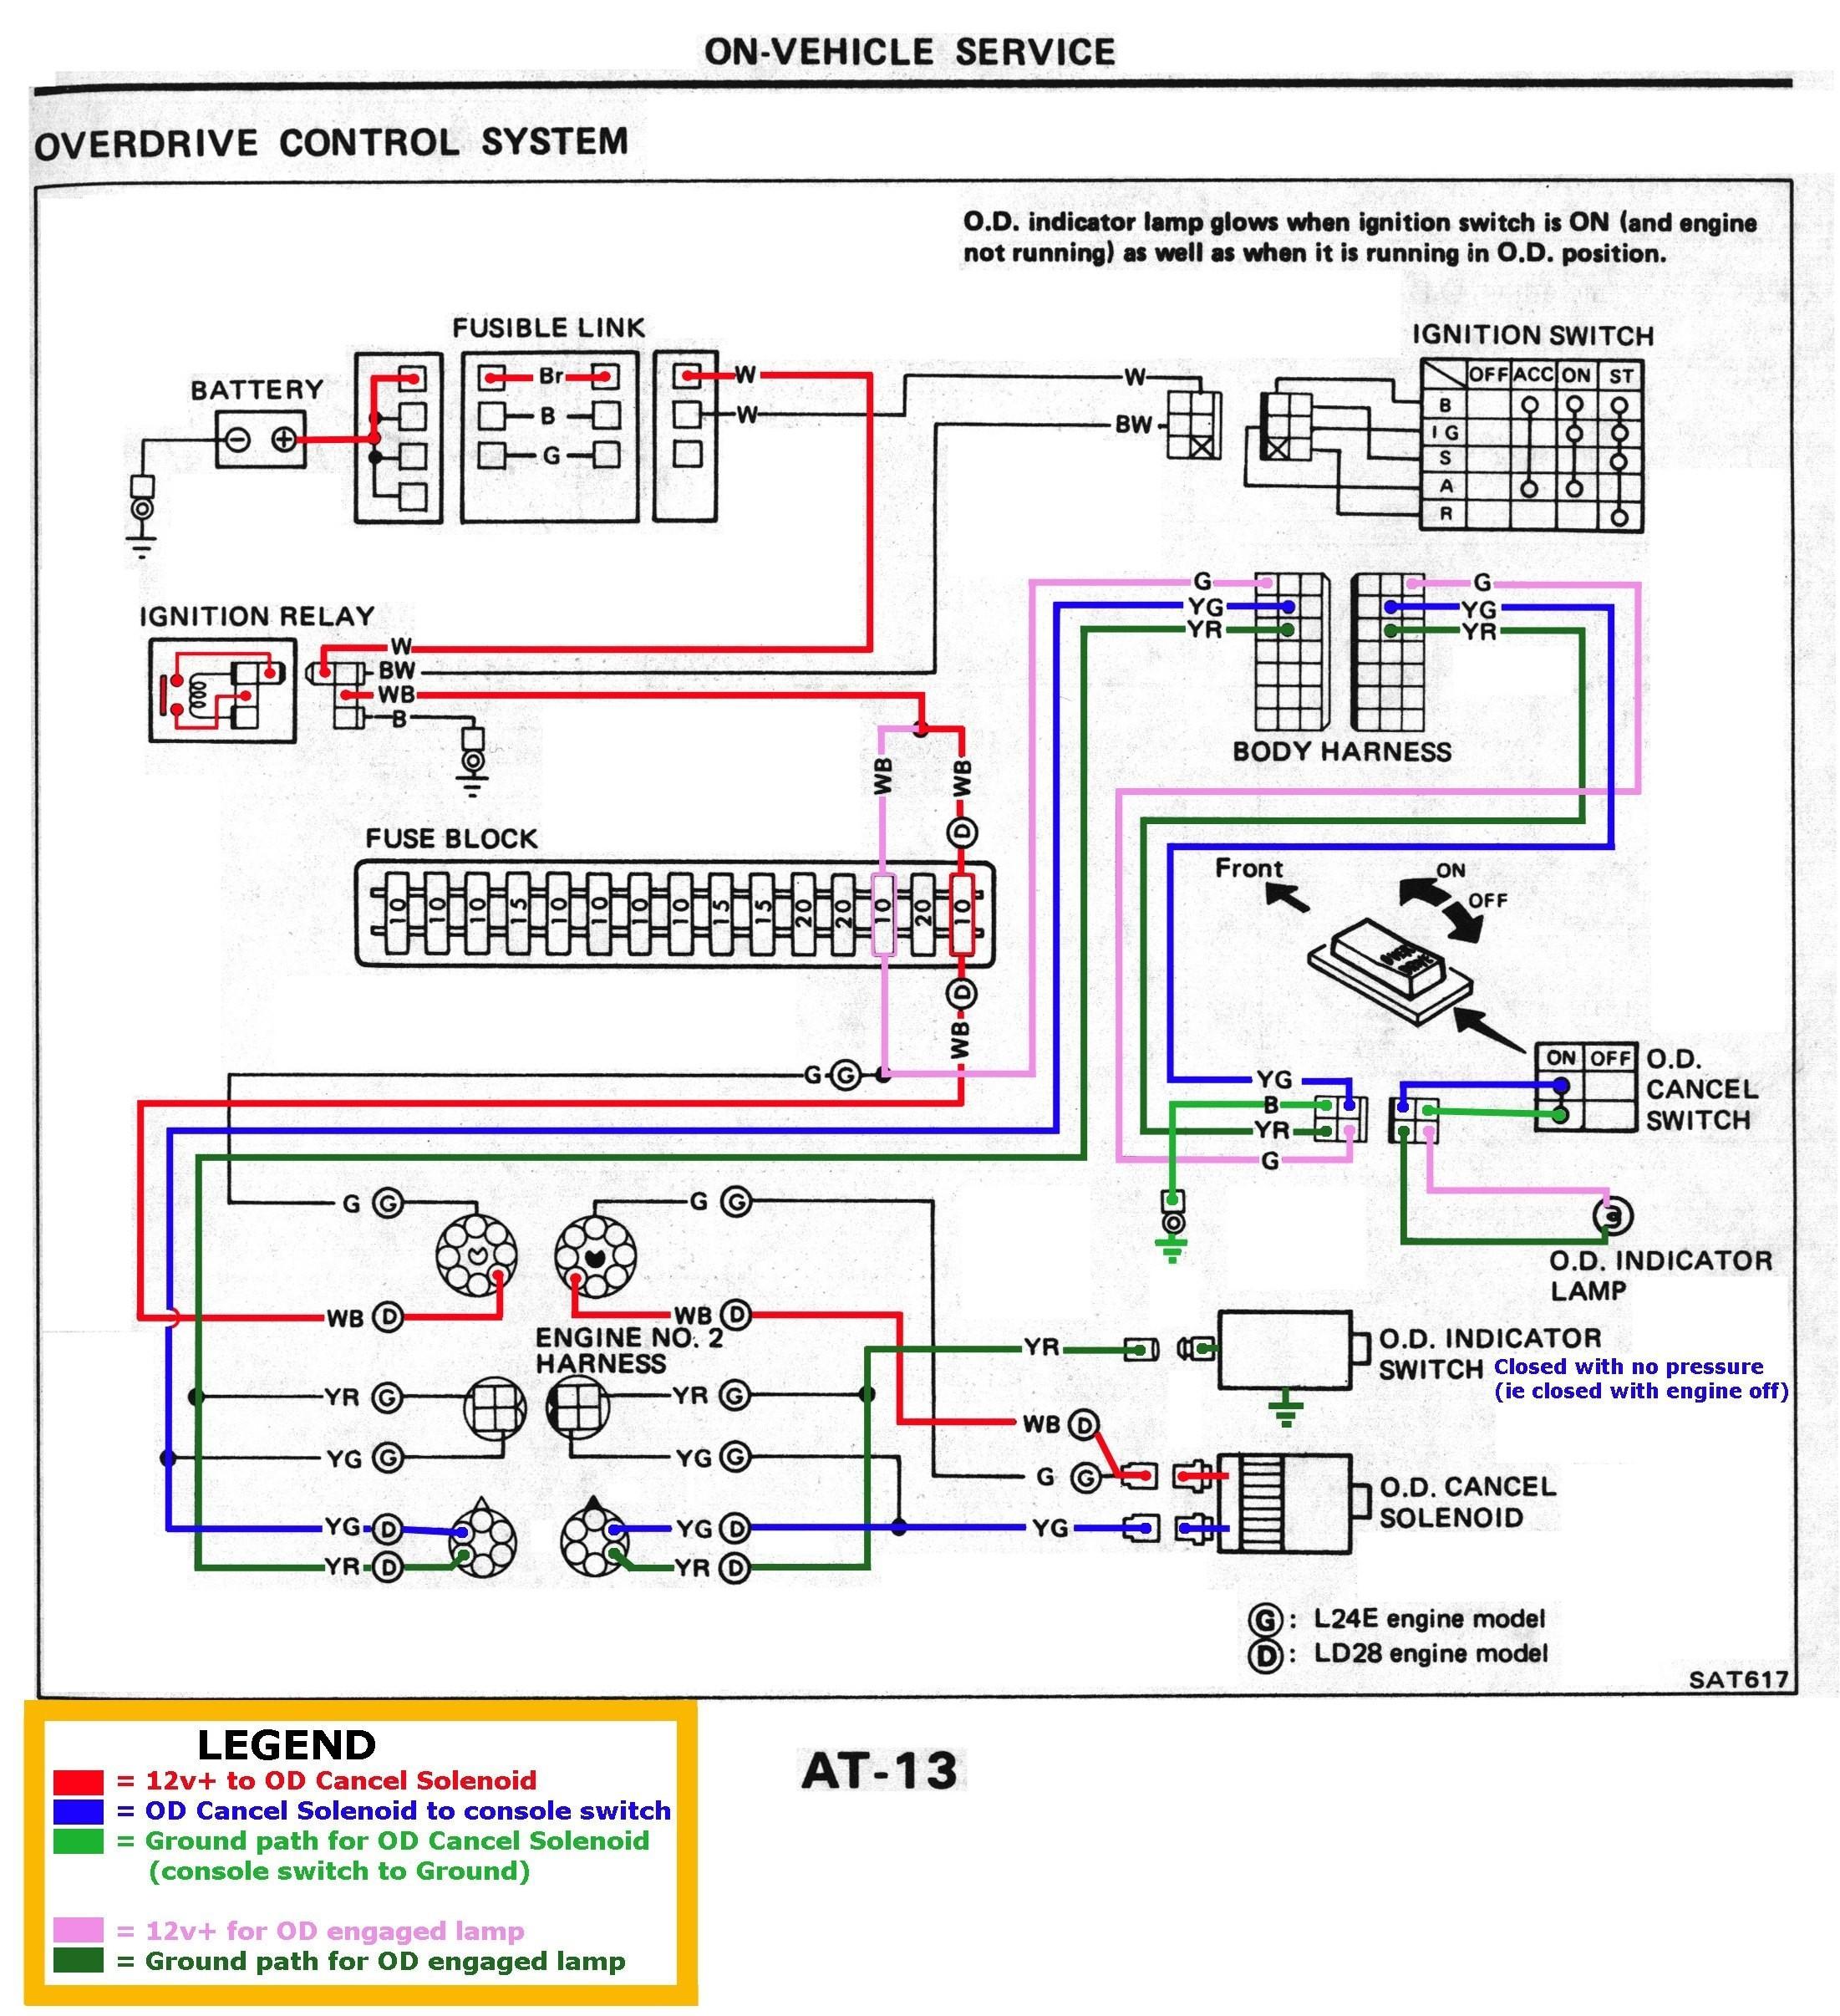 infiniti q45 engine diagram 97 infiniti q45 alternator archives  joescablecar of infiniti q45 engine diagram 1997